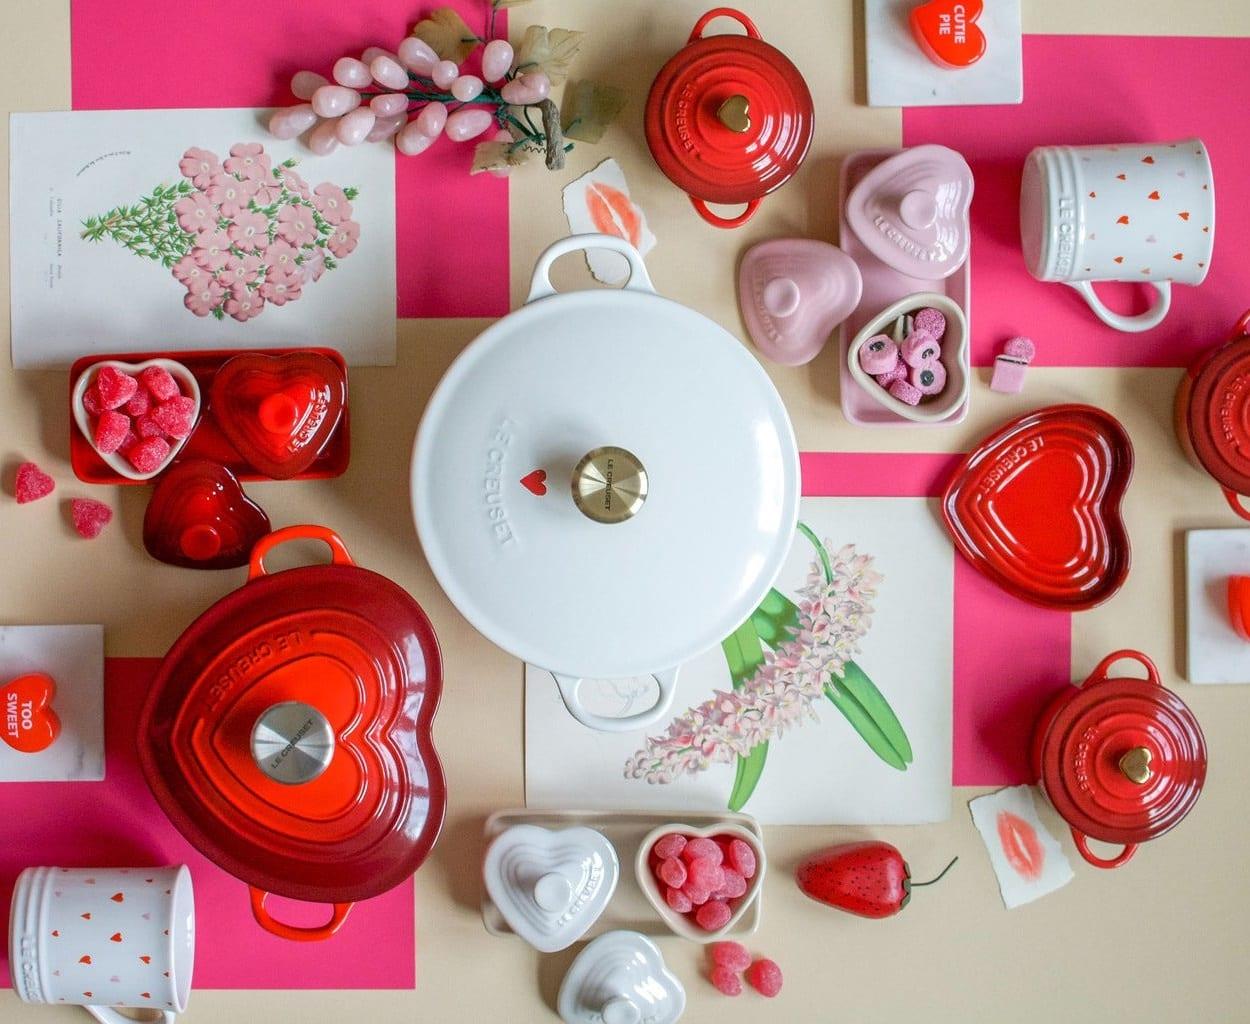 L'Amour Collection Le Creuset